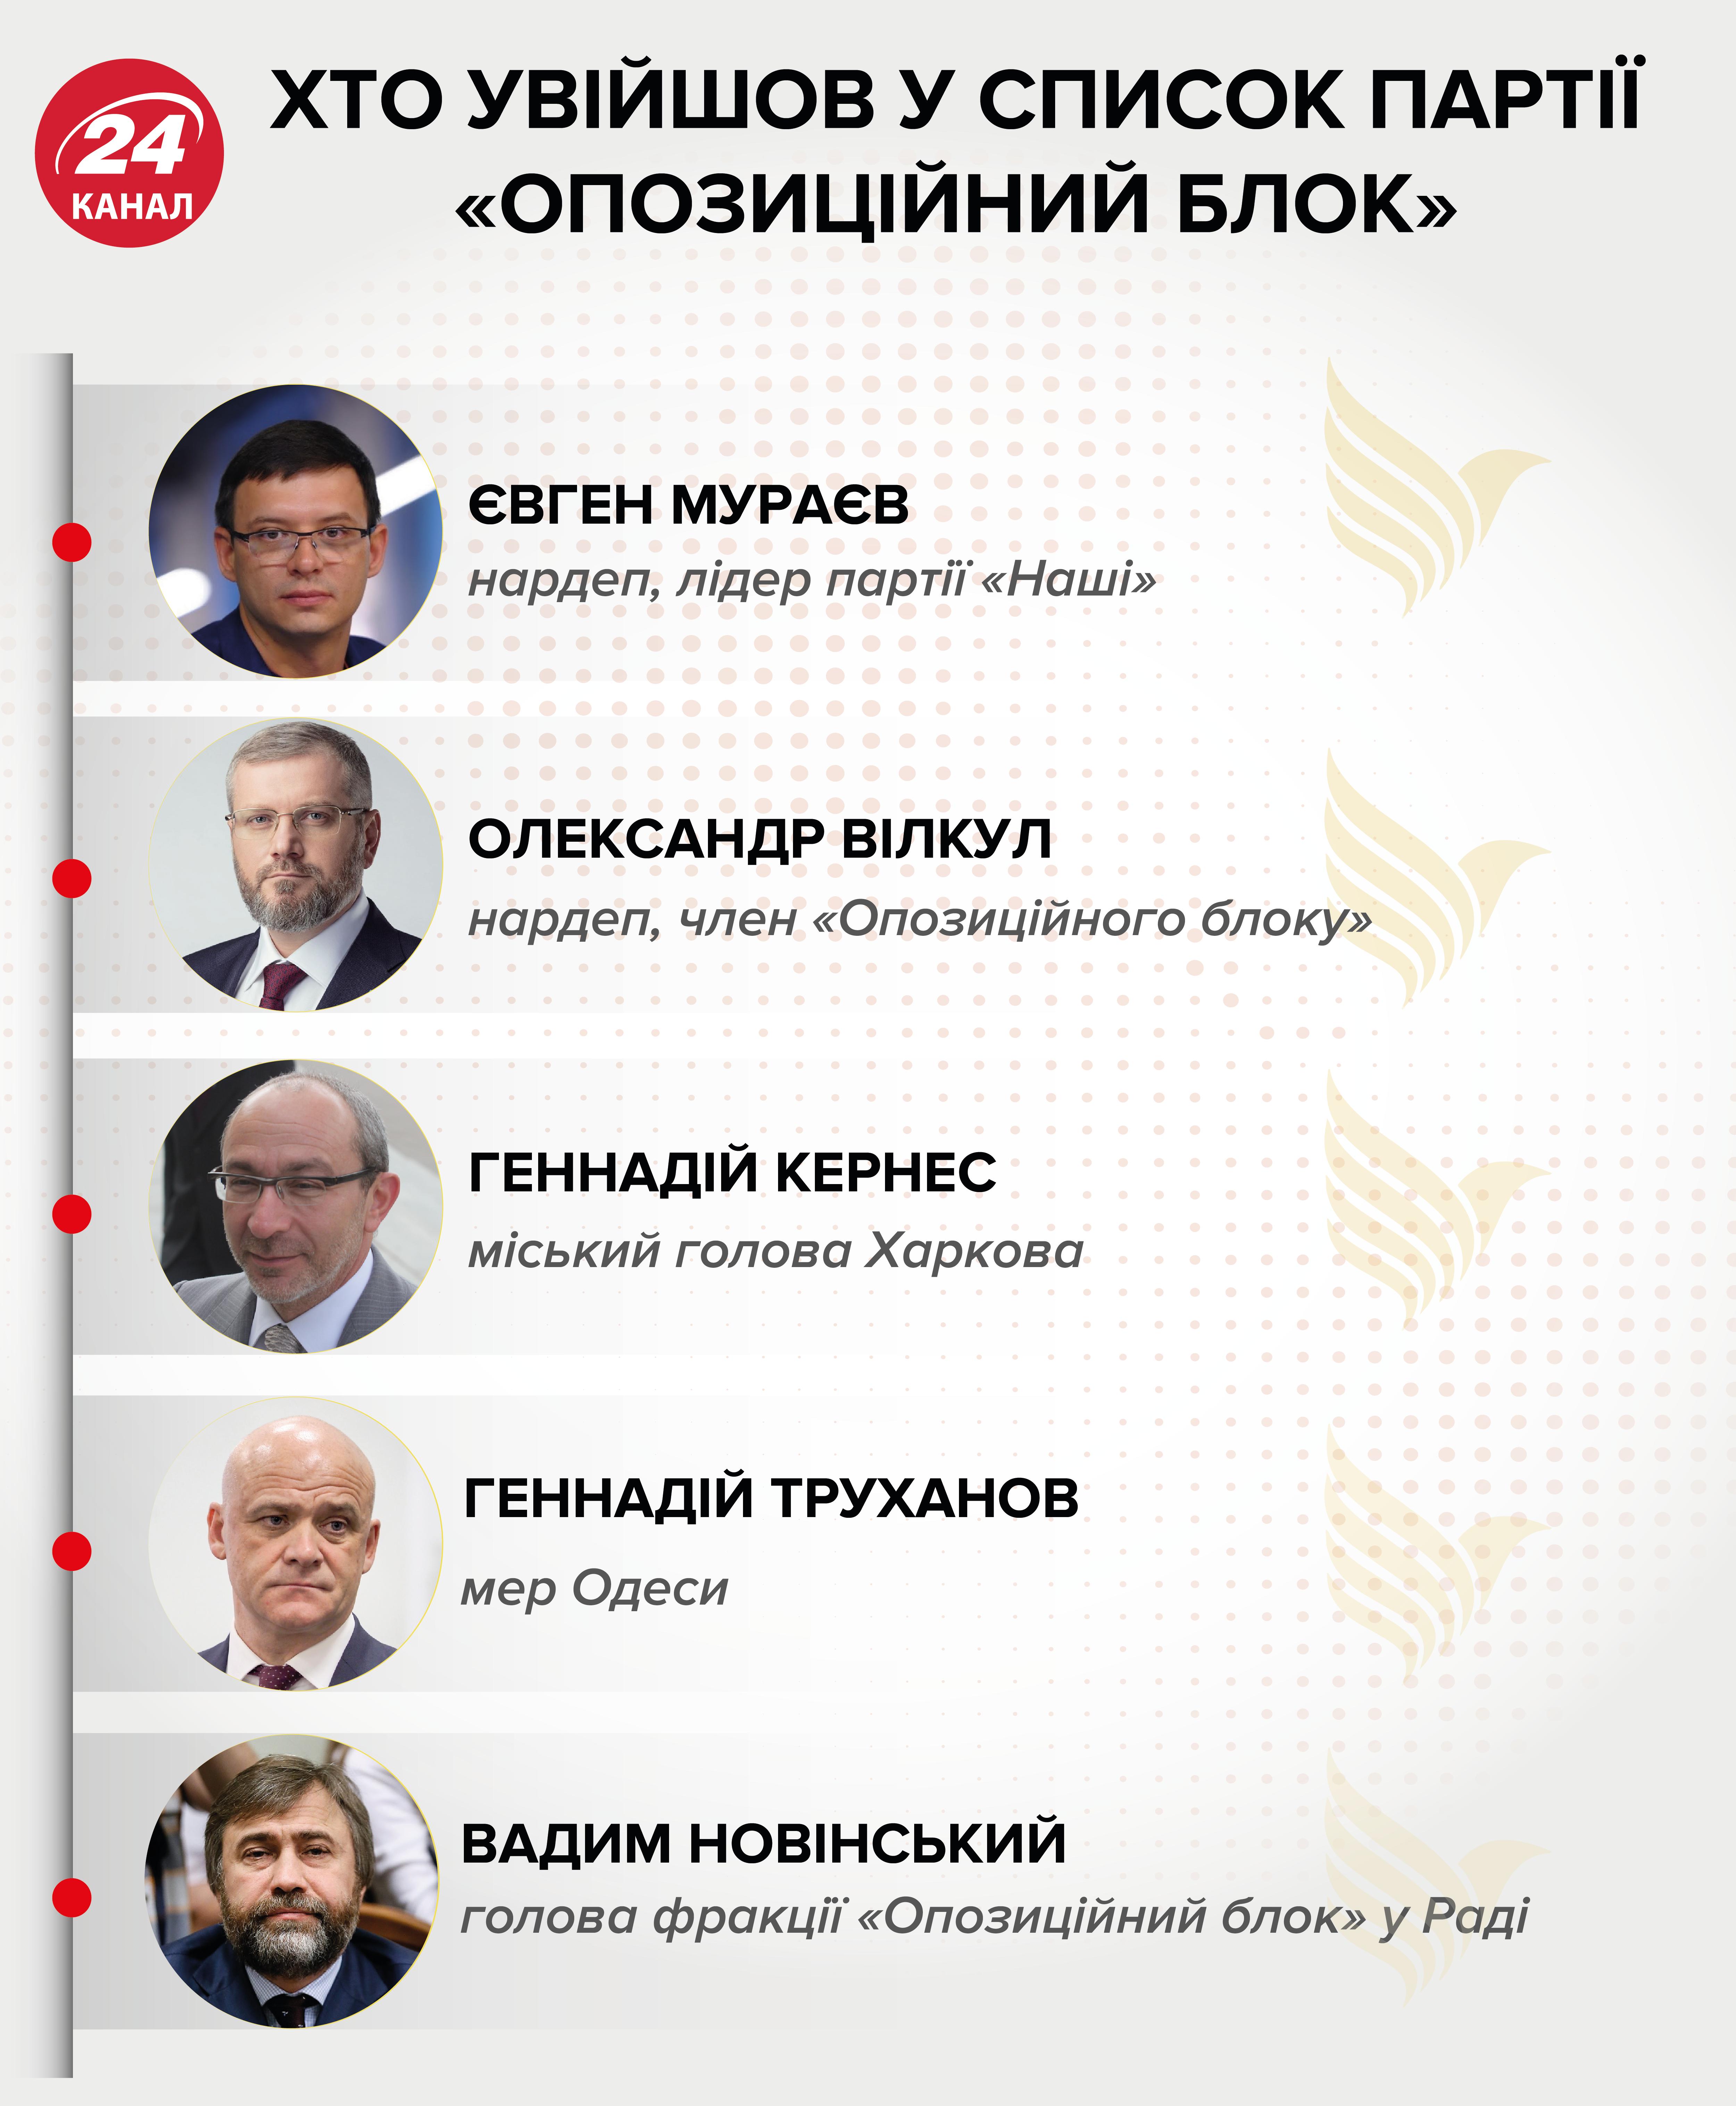 Опозиційний блок список партія вибори Мураєв інфографіка